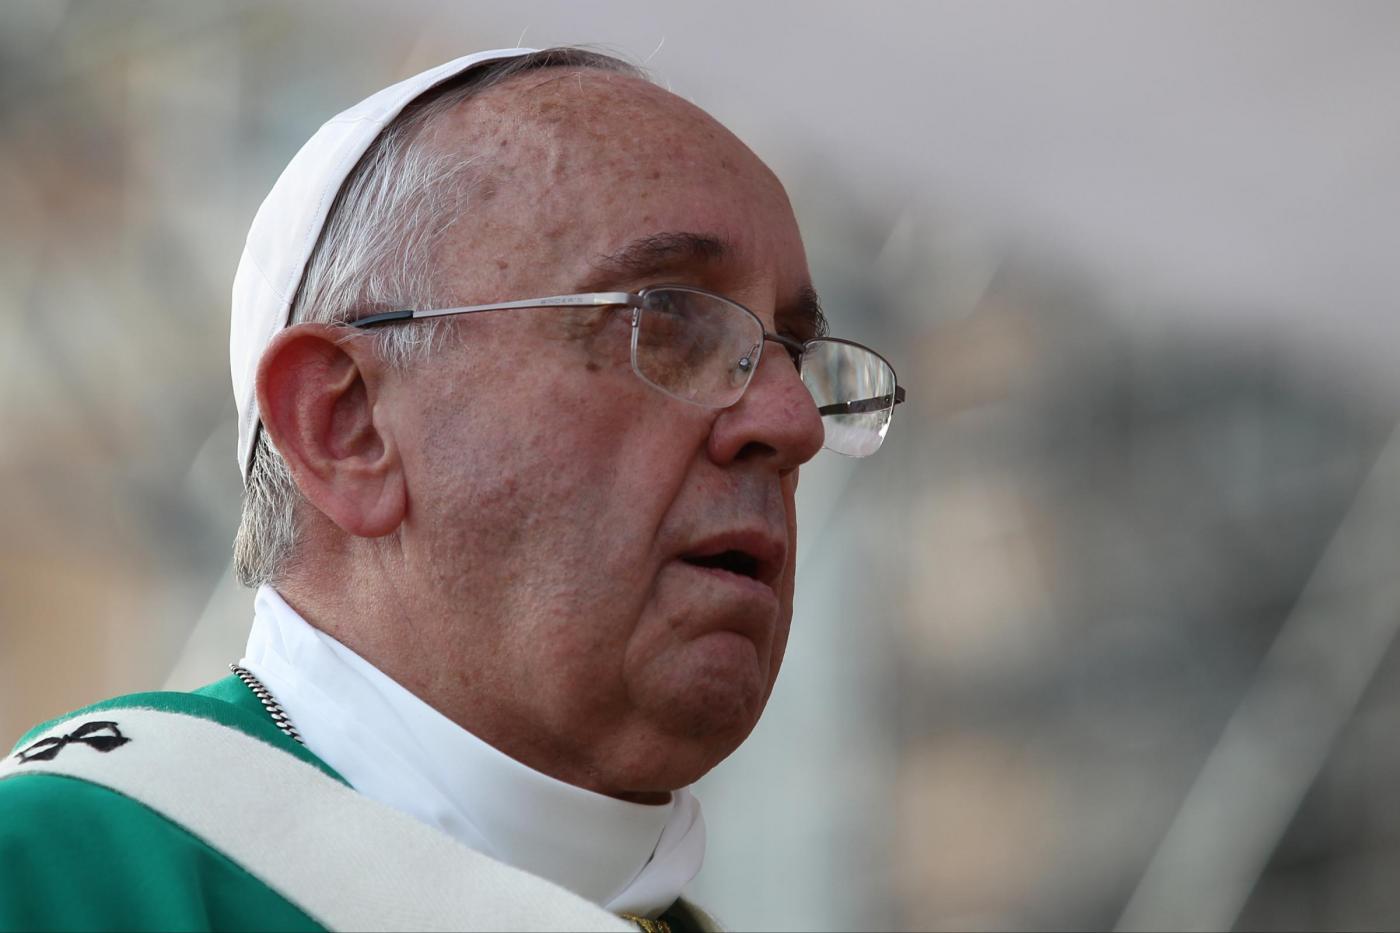 Papa Francesco: l'album di canzoni Wake Up! sdogana il primo papa-rock della storia